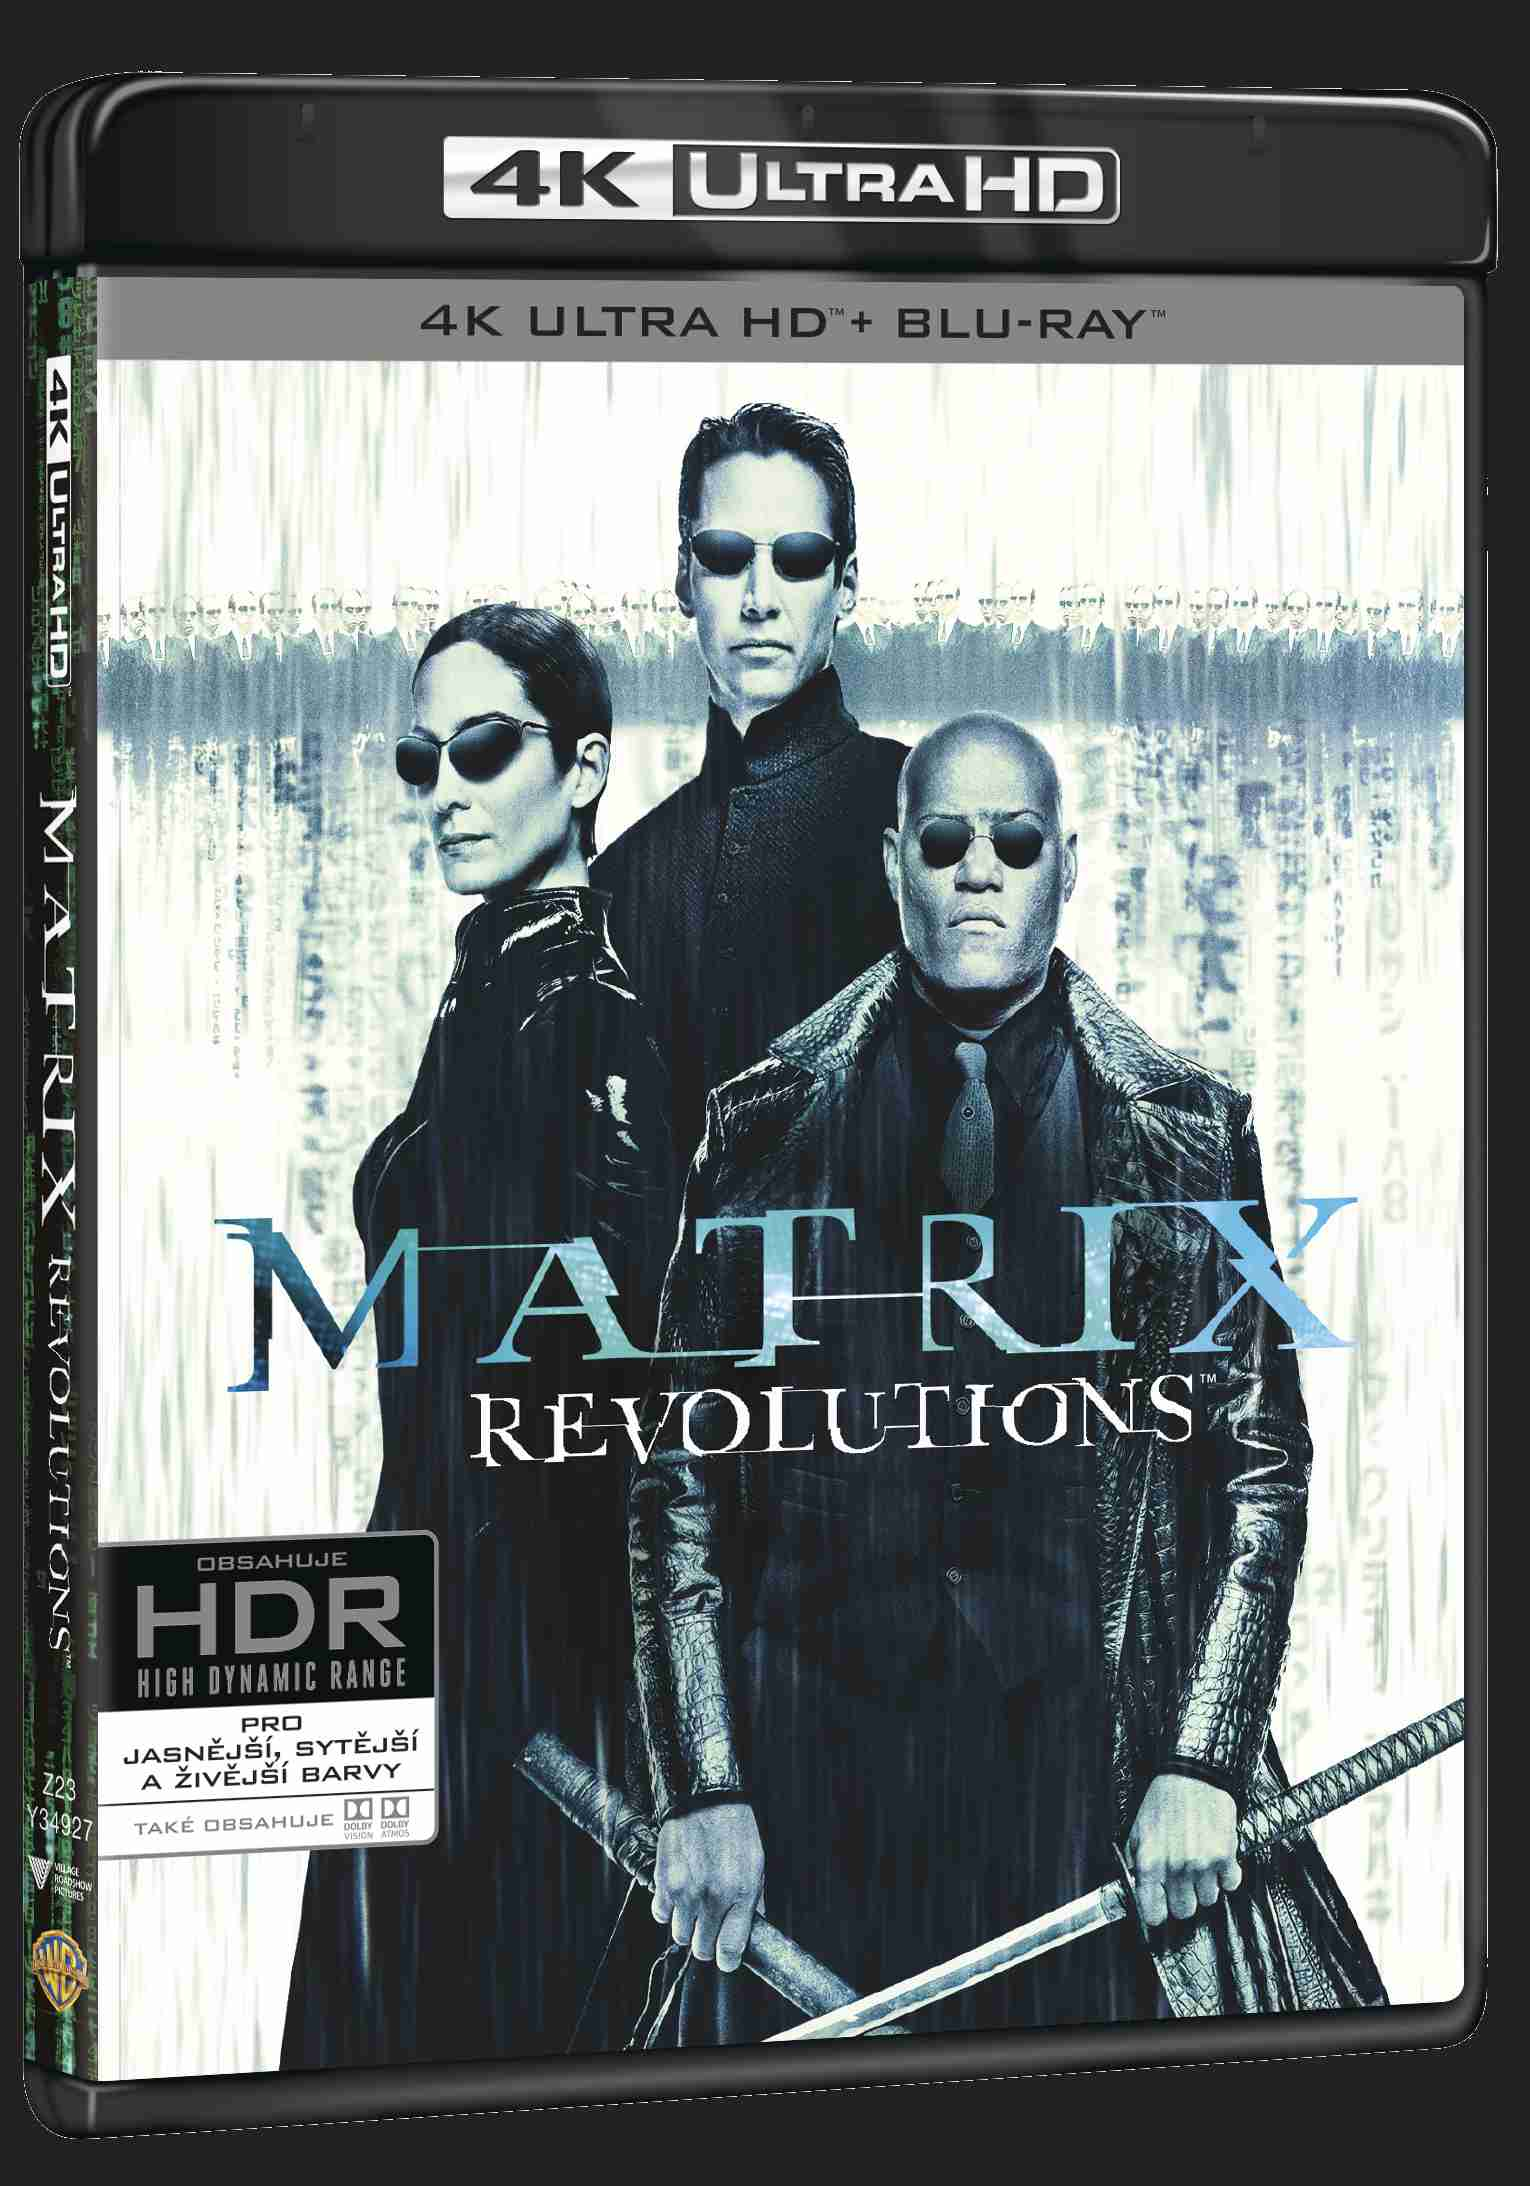 Matrix Revolutions (4K ULTRA HD) - UHD Blu-ray + Blu-ray + Bonus disc (3 BD)